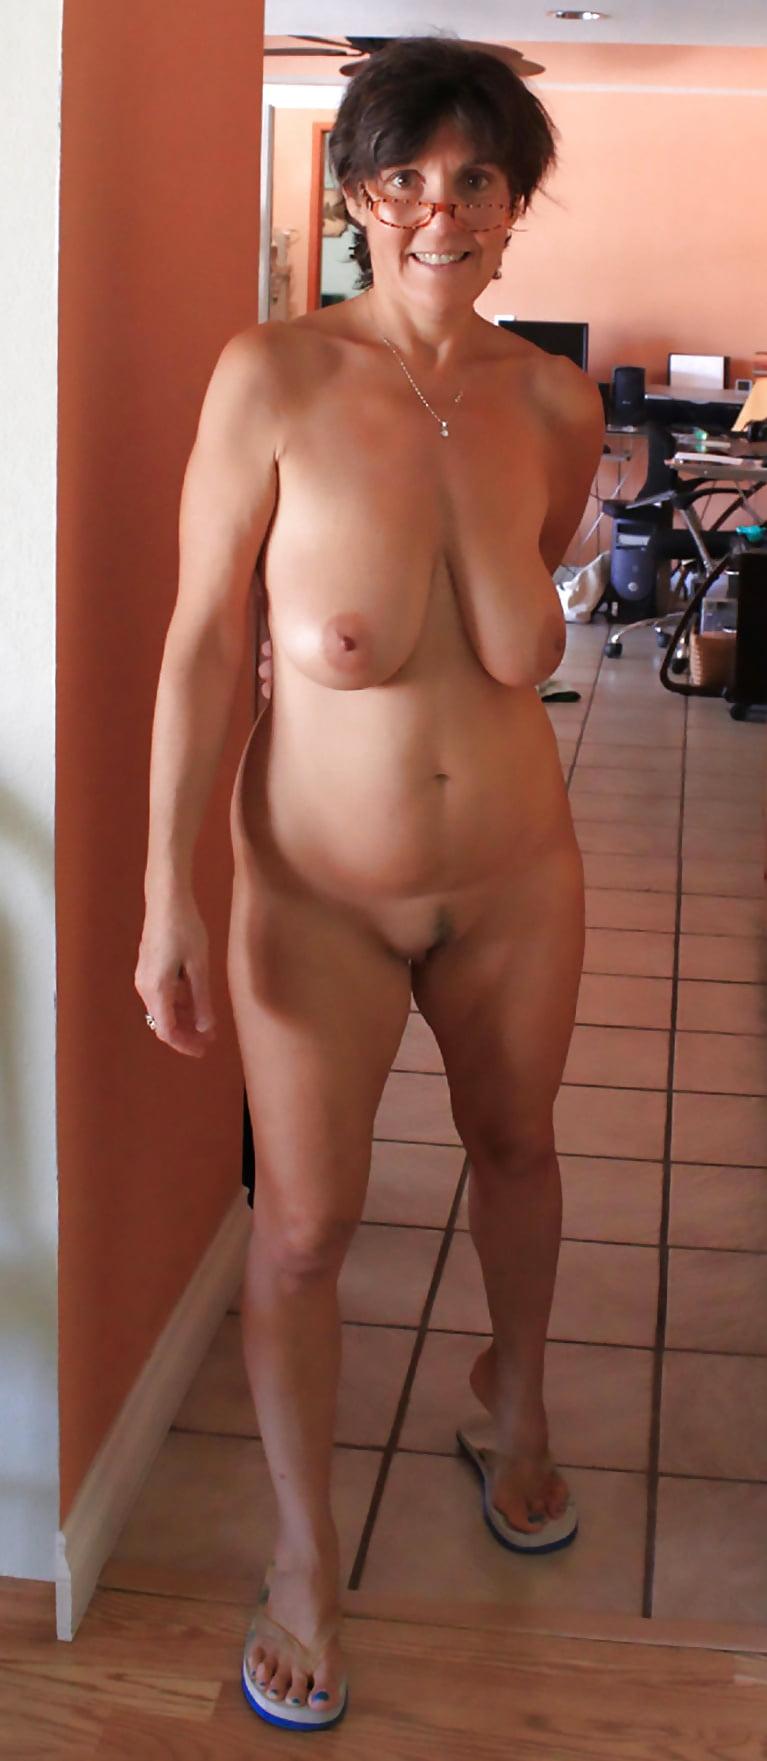 Desi girl naked